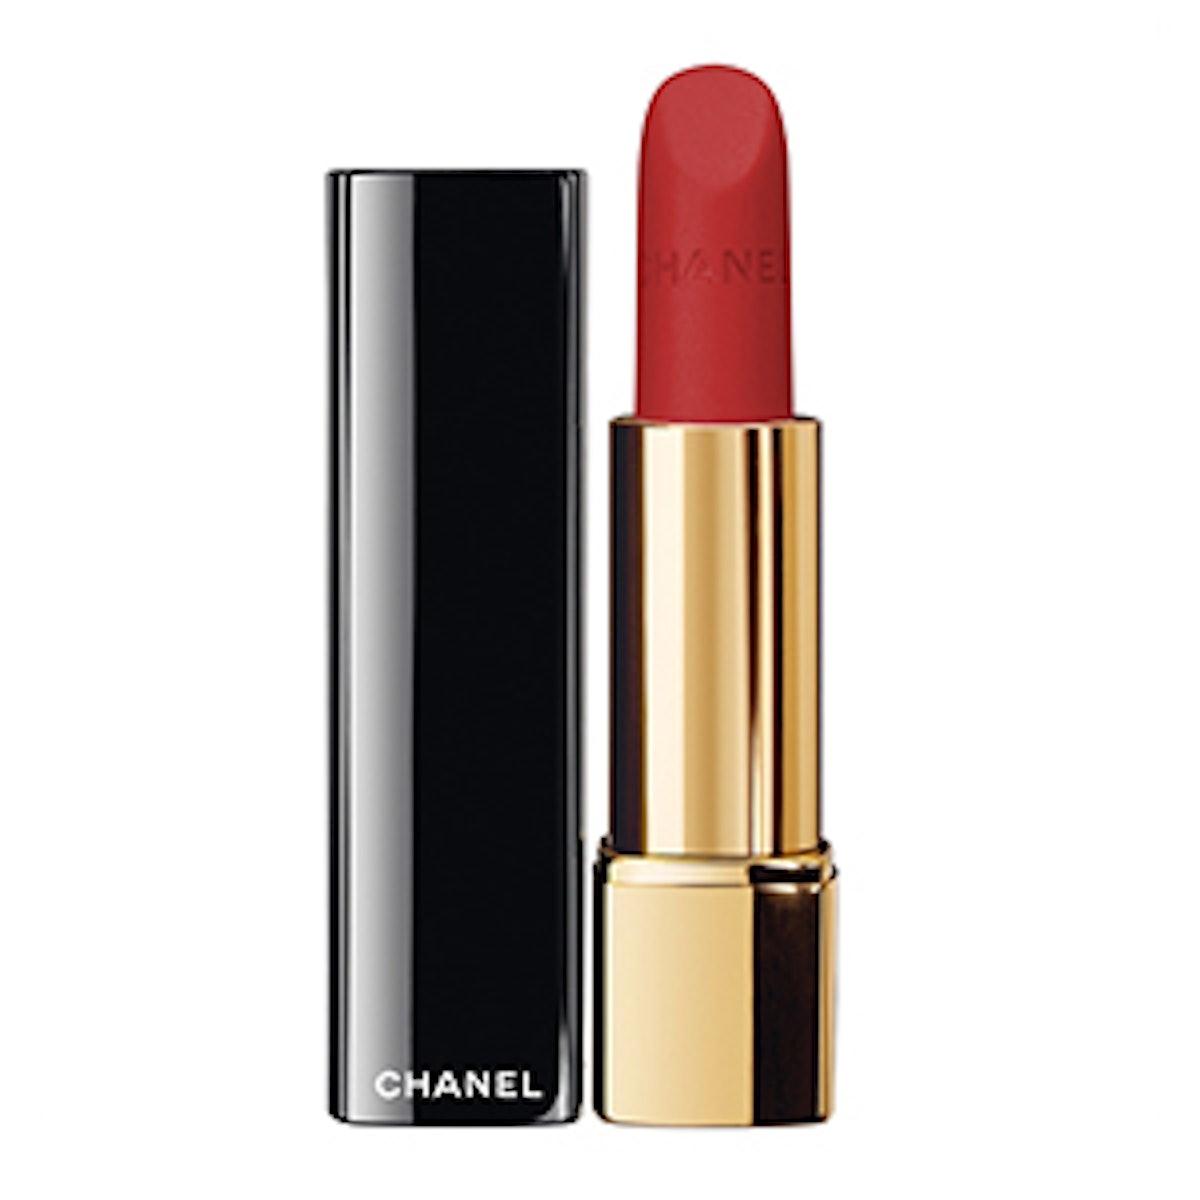 Rouge Allure Velvet Lipstick In Rouge Chanel